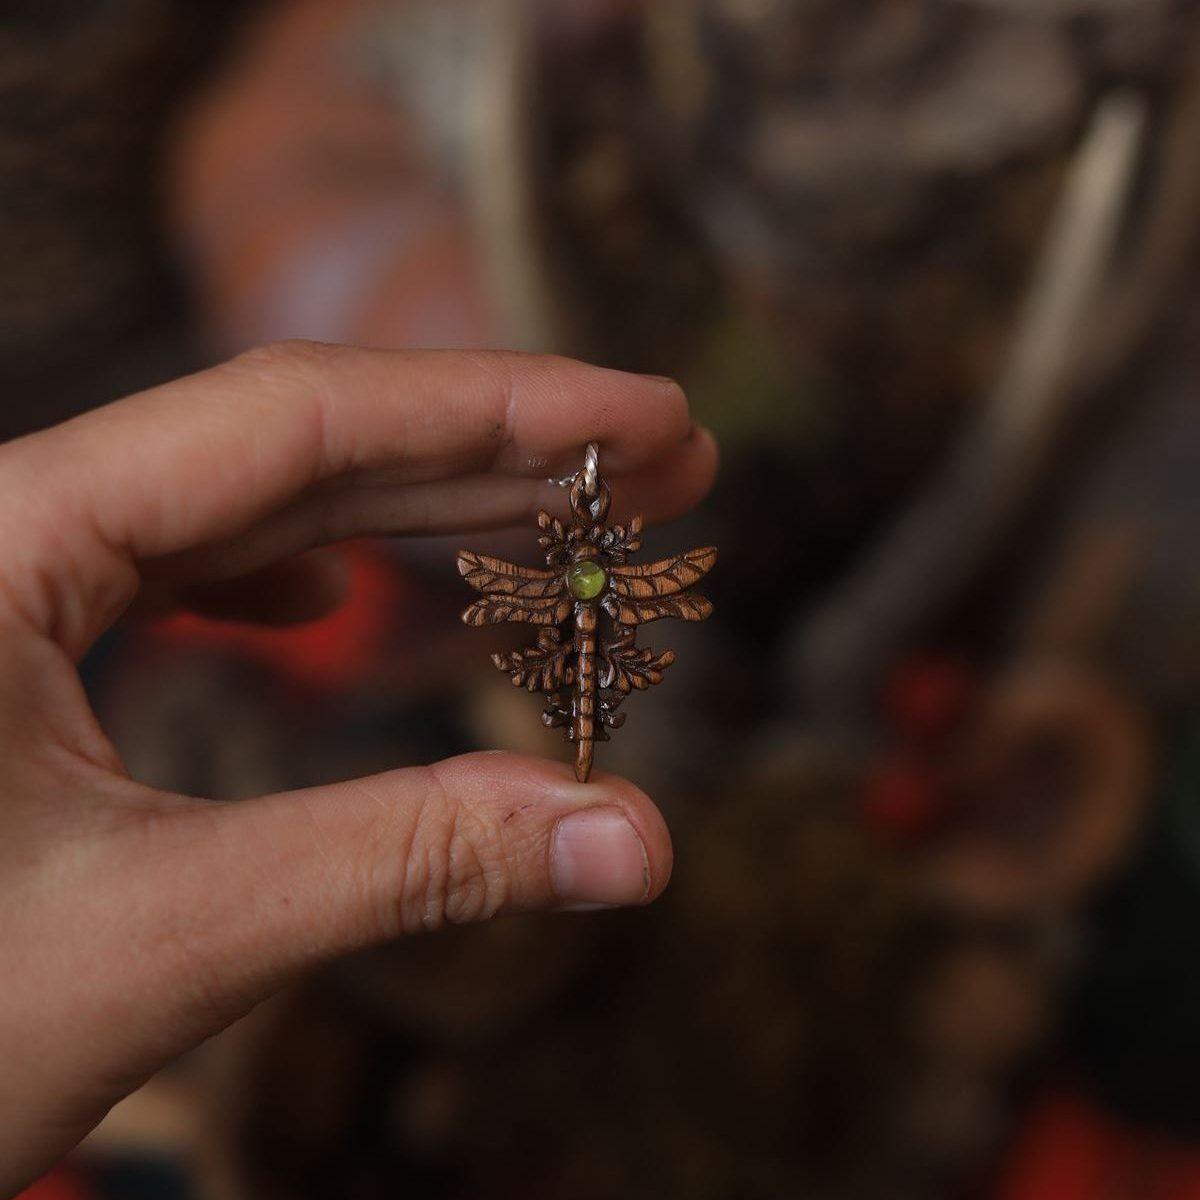 Bijoux, bois, sculpté, artisanat, fait main, libellule, insecte, cabinet de curiosité, péridot, noyer